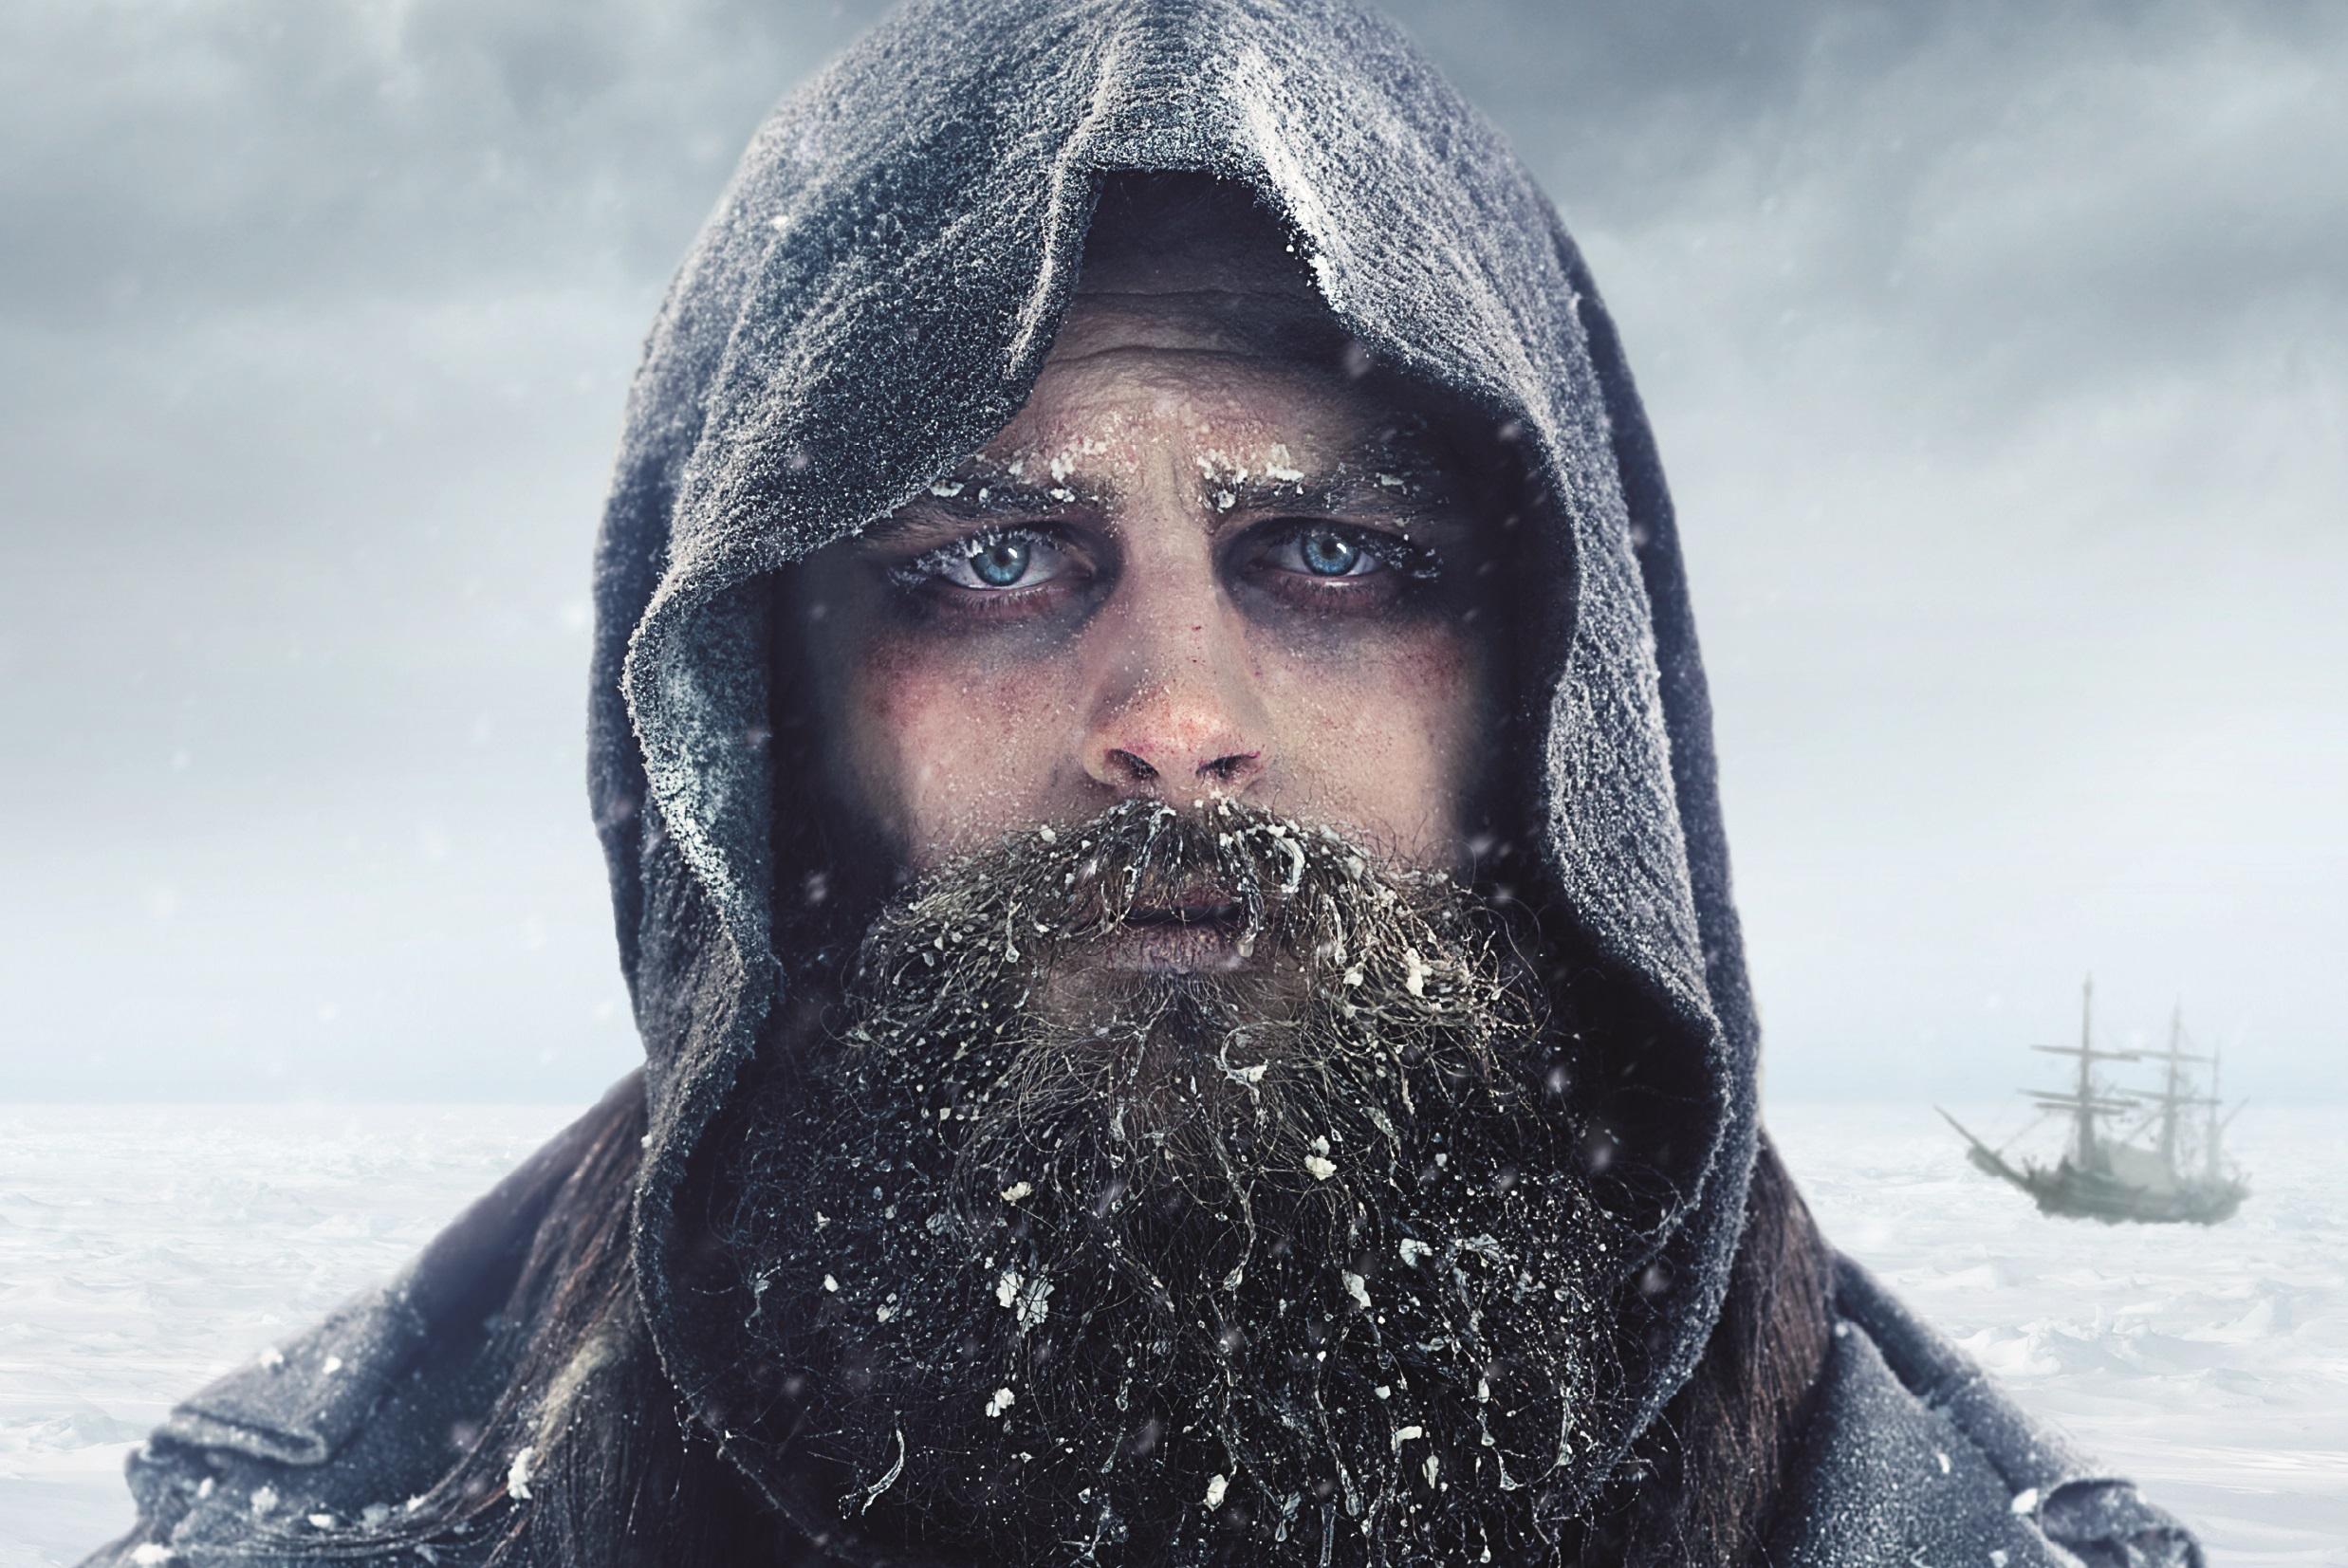 In Amundsen lost his